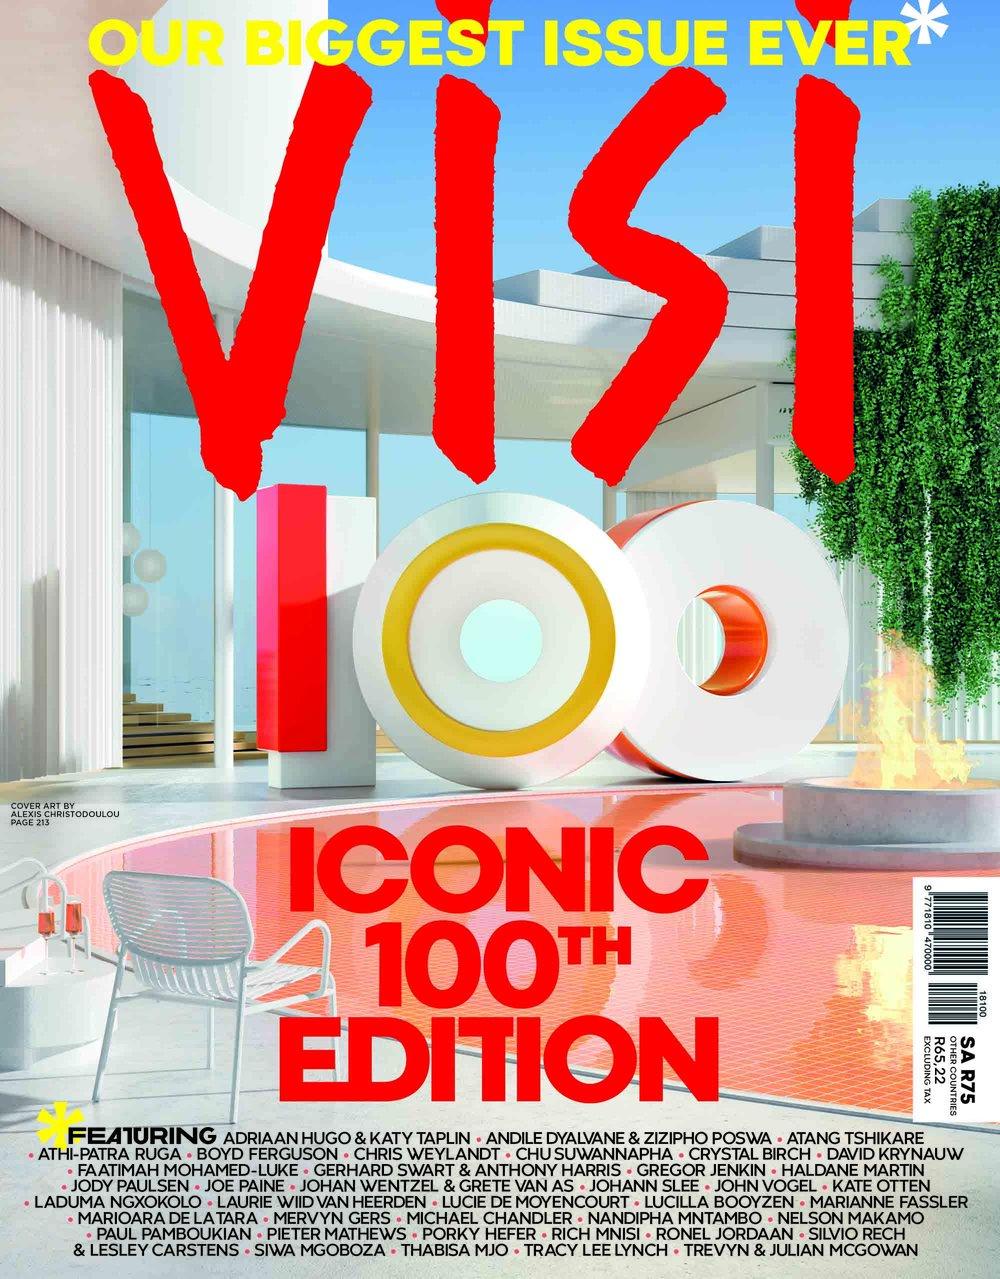 VISI0219pg002.jpg